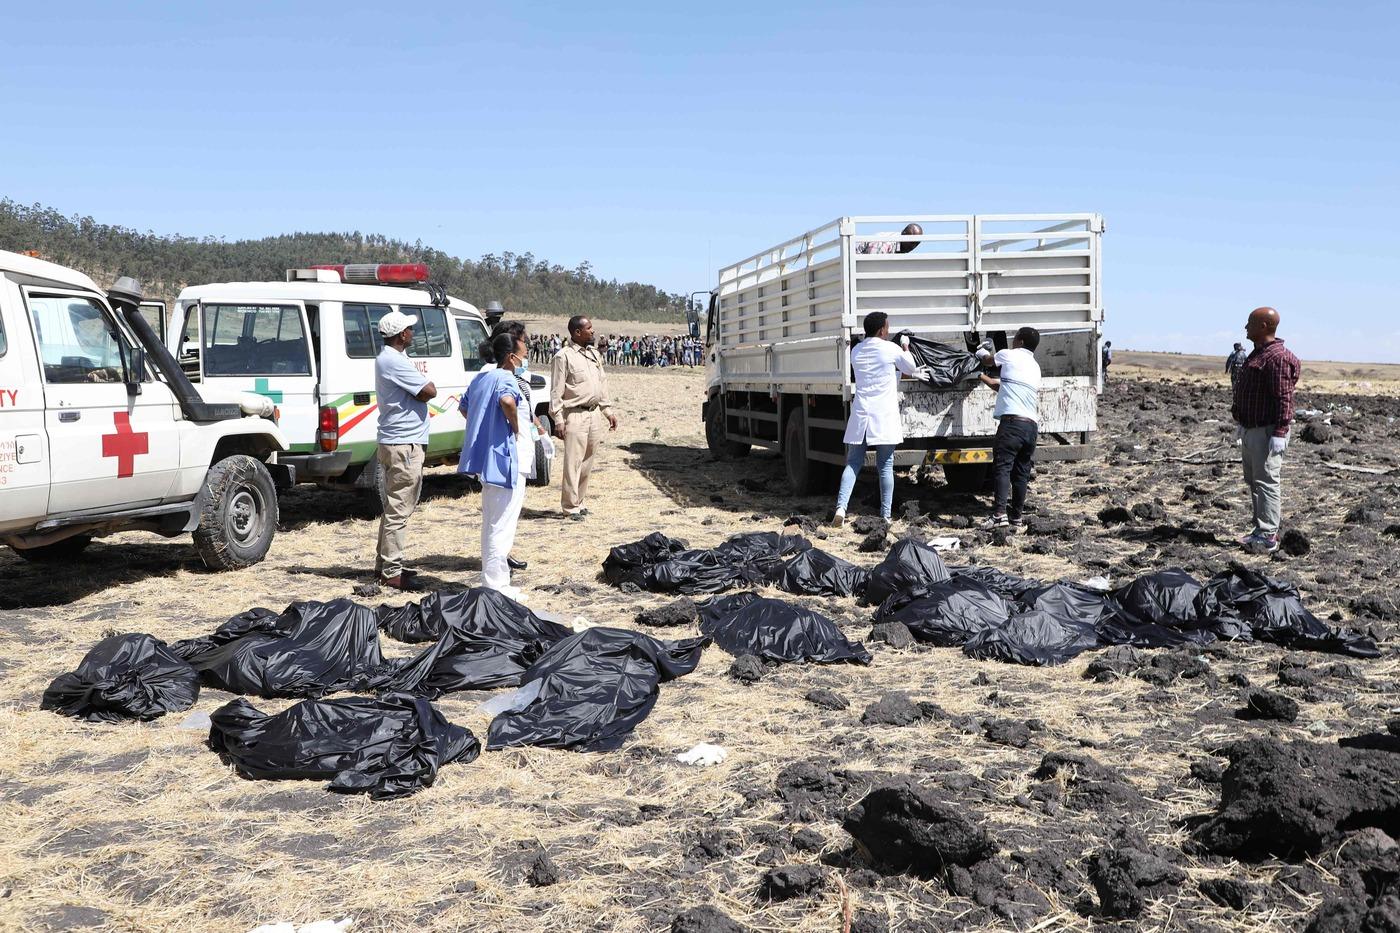 Đội cứu hộ di chuyển những chiếc túi đựng thi thể. (Ảnh qua MeteoWeb)